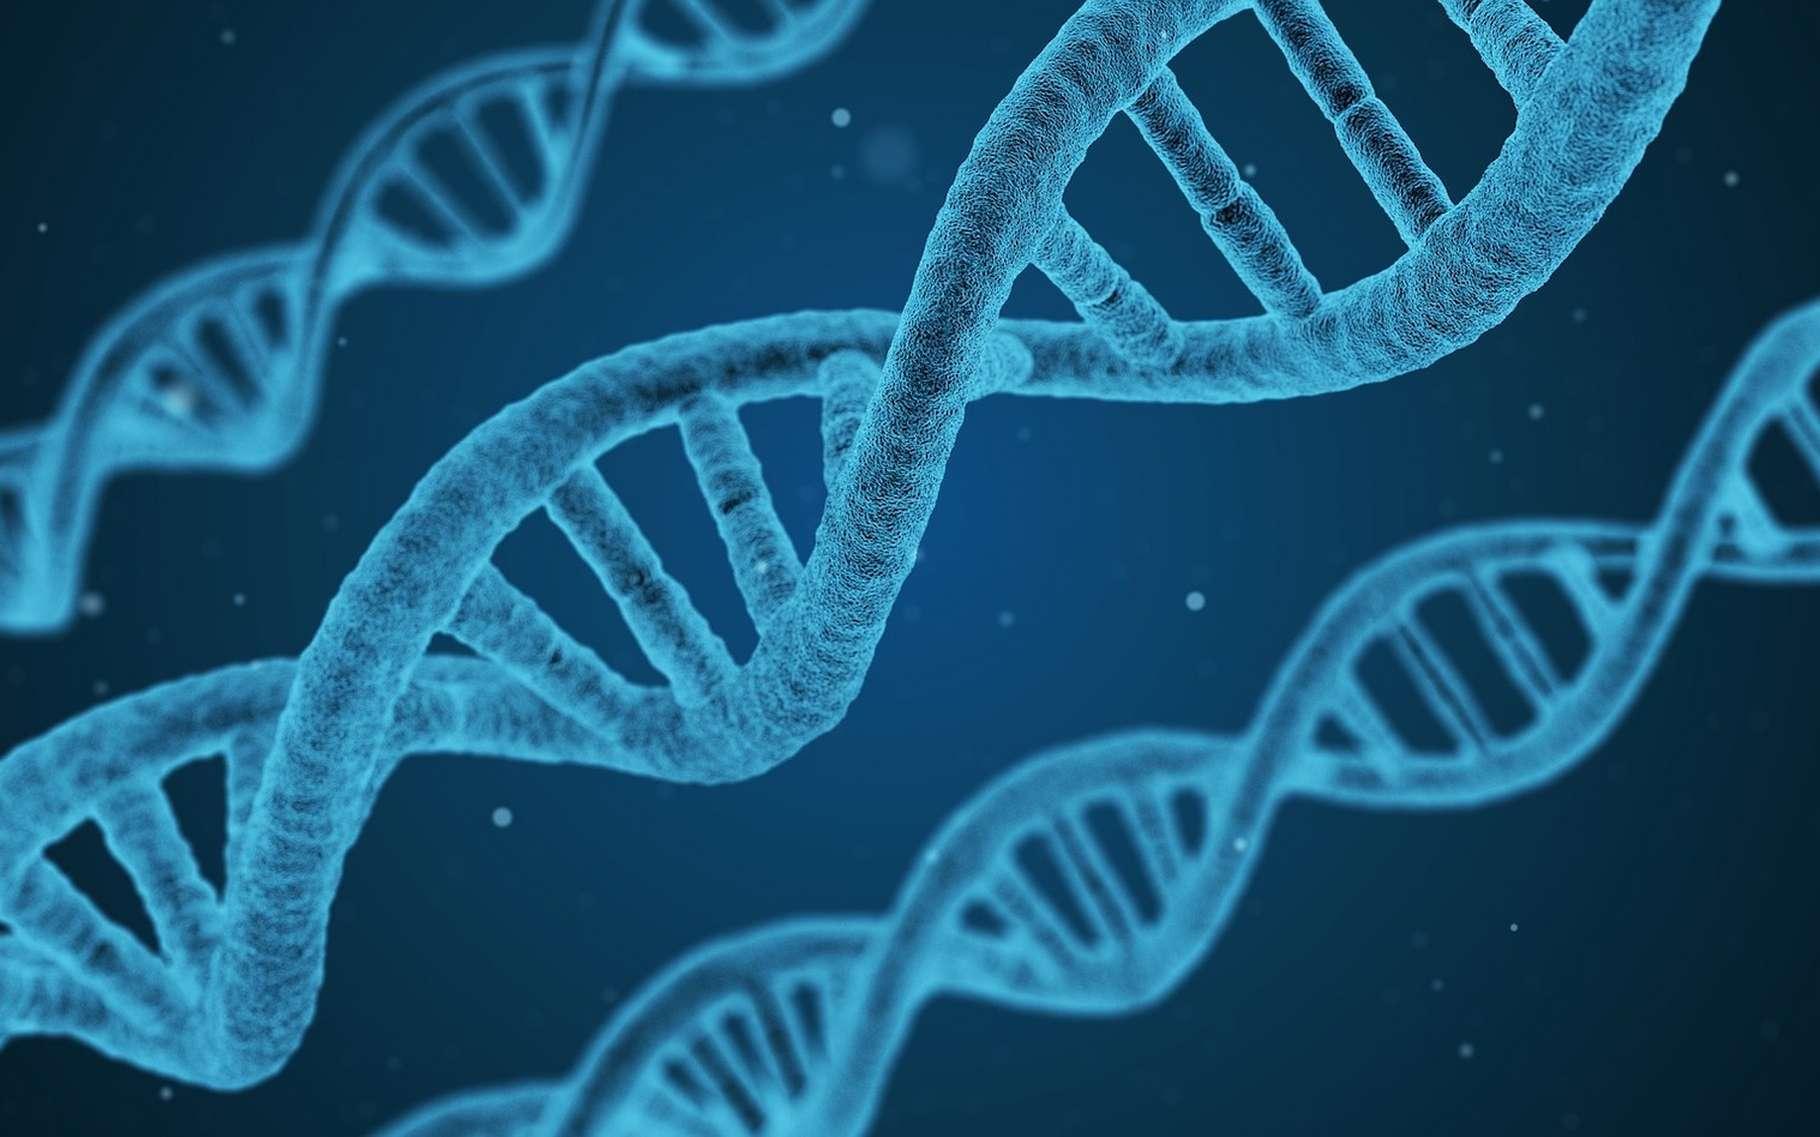 Selon une récente étude, un manque de sommeil est capable d'endommager notre ADN. © qimono, Pixabay, CC0 Creative Commons